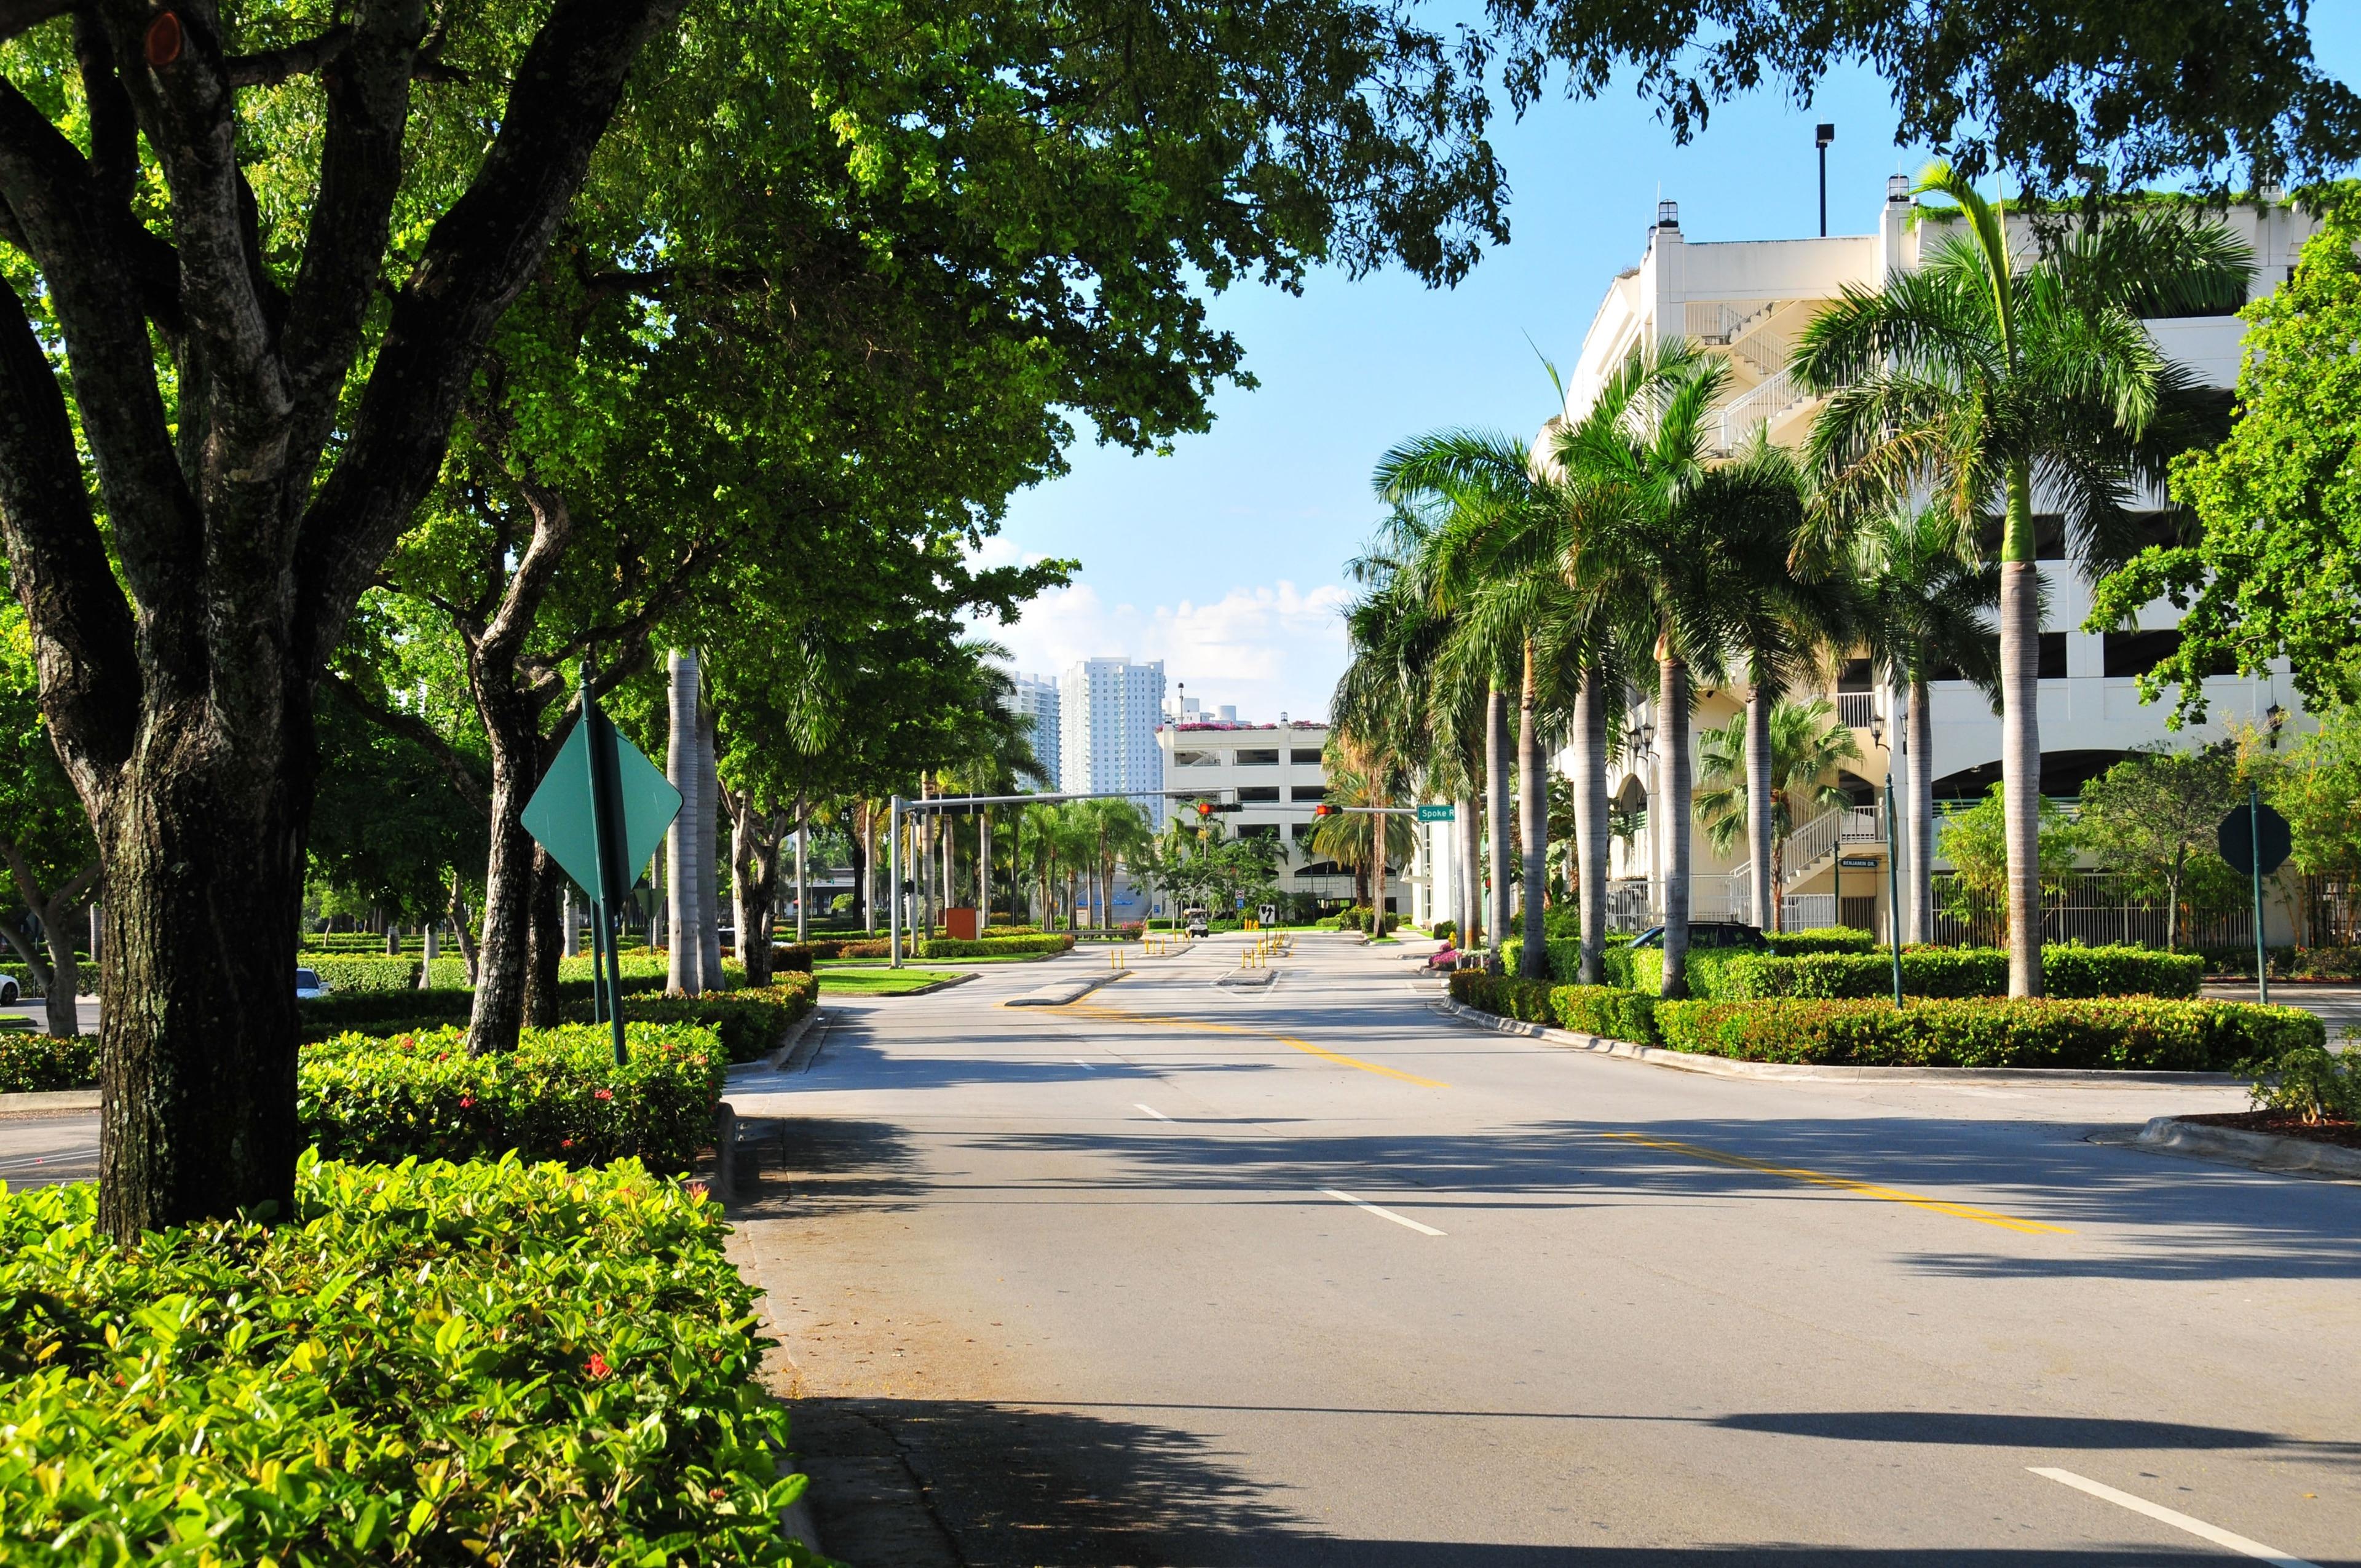 Aventura, Florida, United States of America